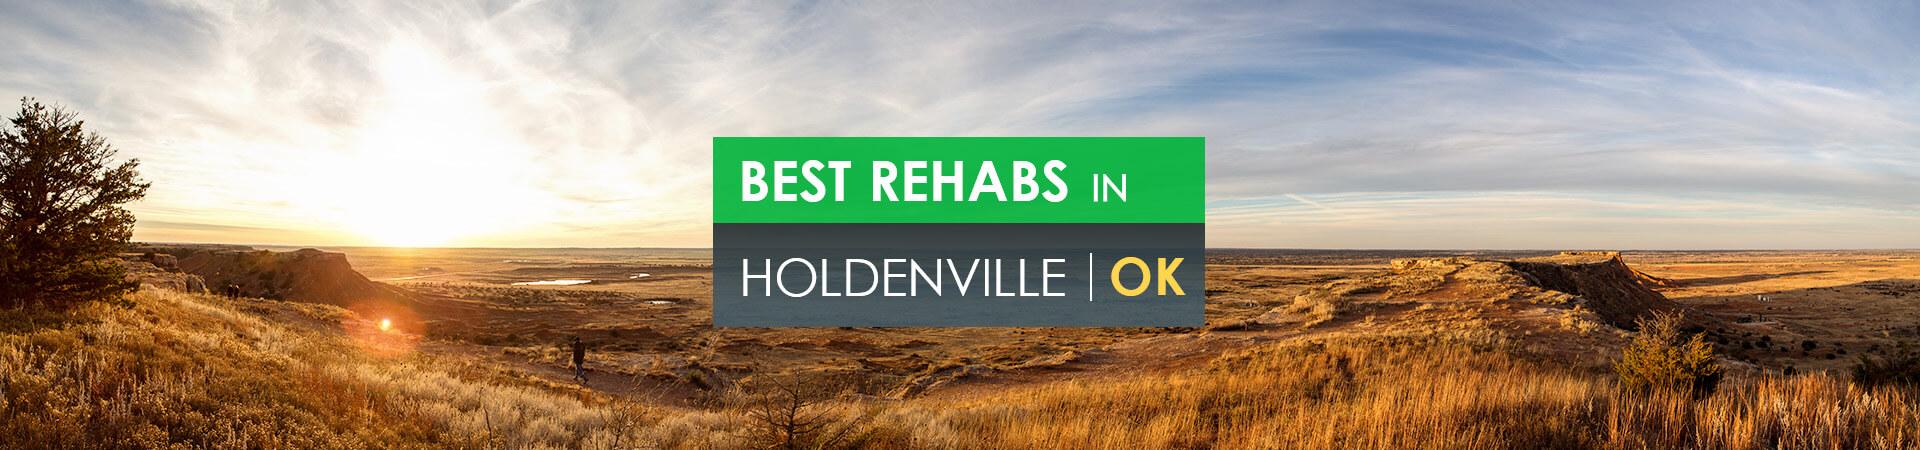 Best rehabs in Holdenville, OK